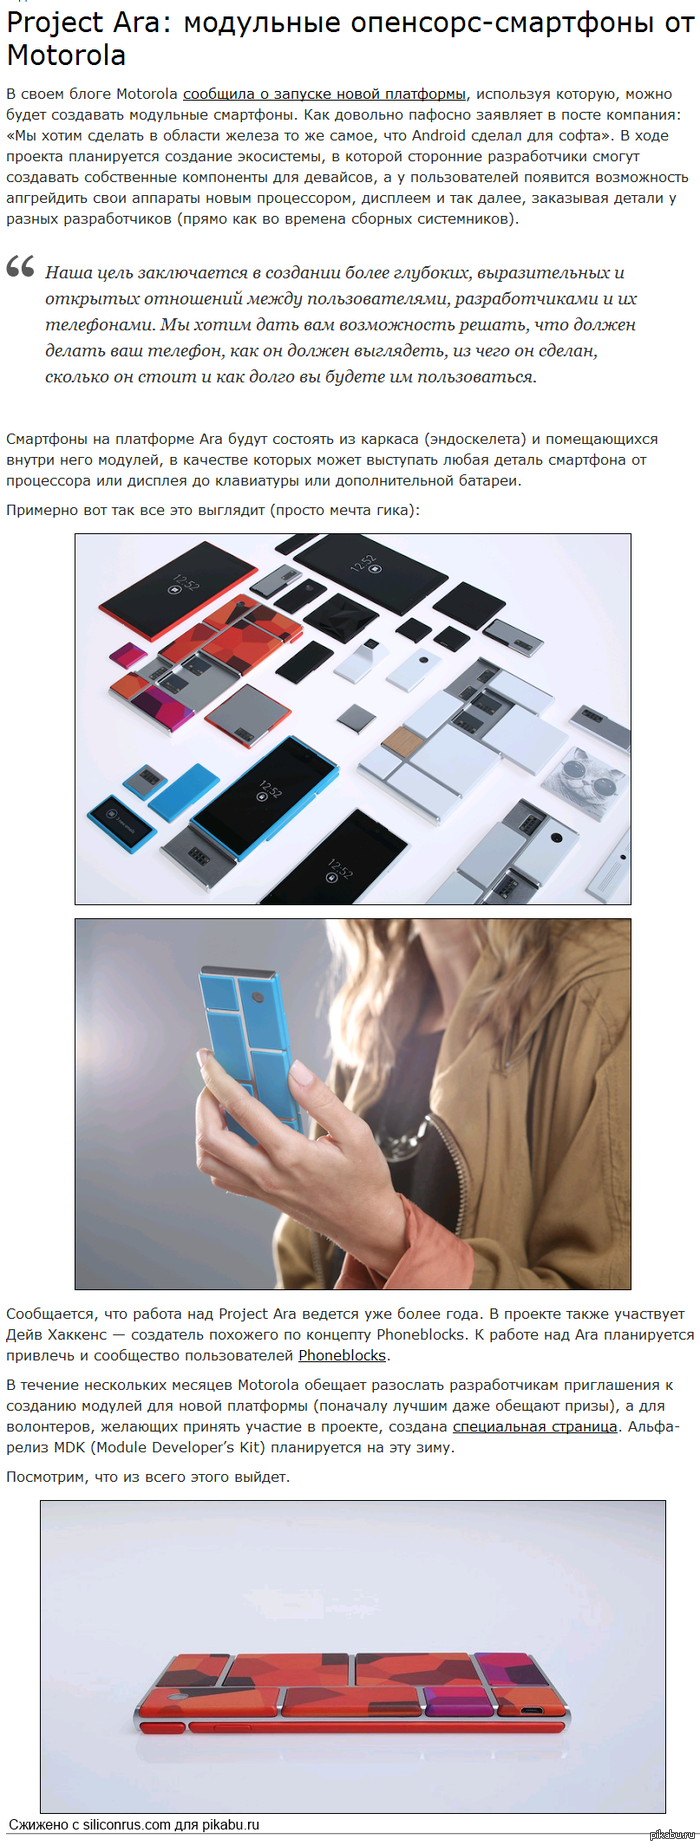 Project Ara: модульные опенсорс-смартфоны от Motorola продолжение истории про Phonebloks